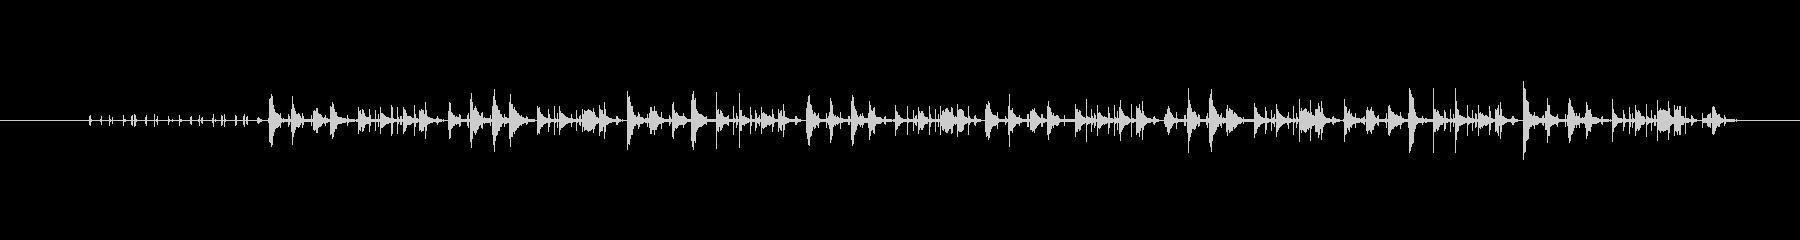 響きが特徴的で静かなメロディーの未再生の波形